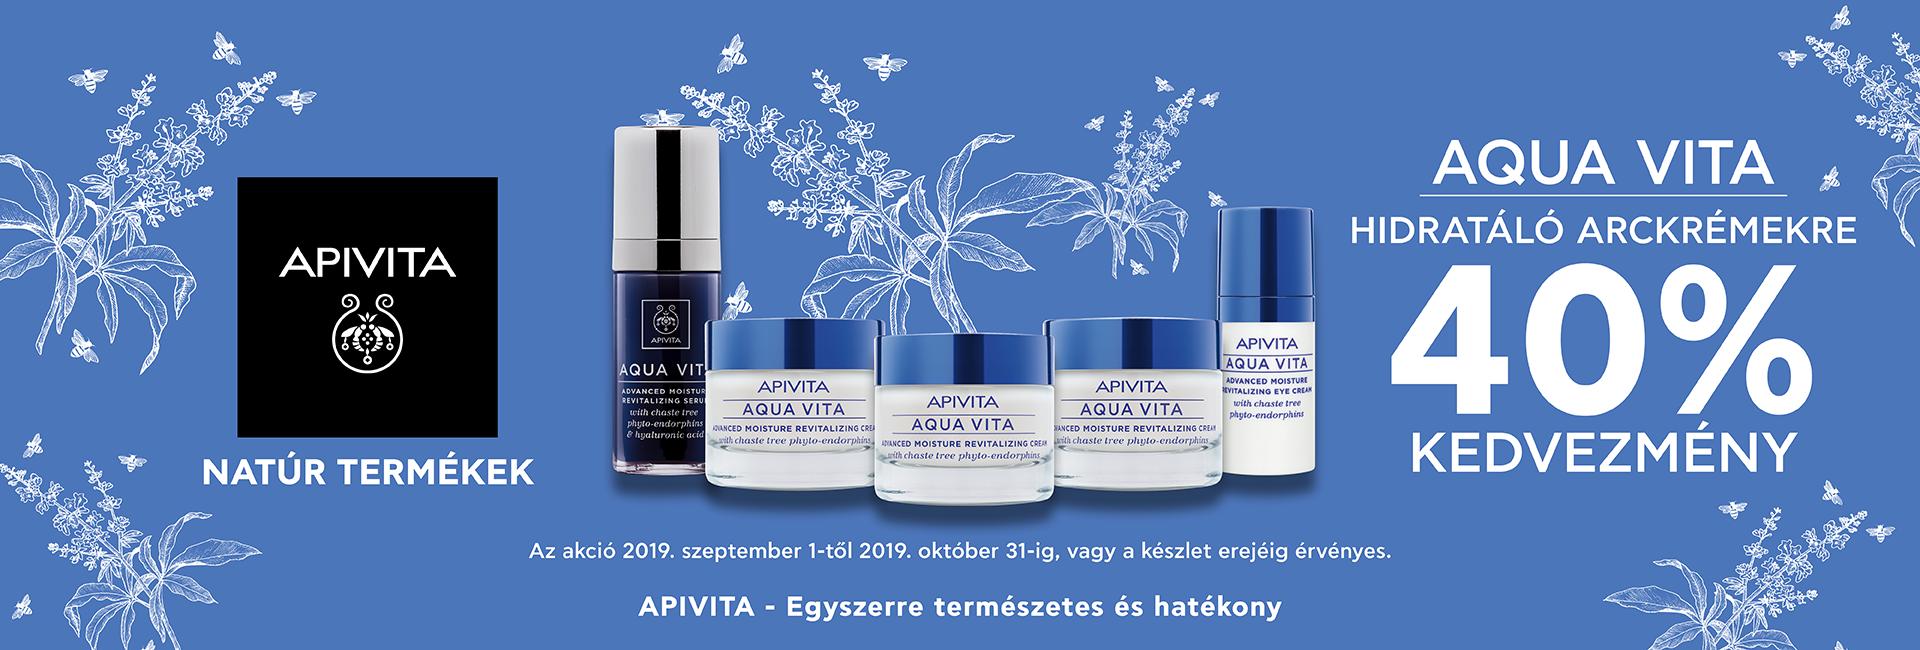 2019. szeptember 1. október 31. között minden APIVITA Aqua Vita terméket 40% kedvezménnyel kínálunk!